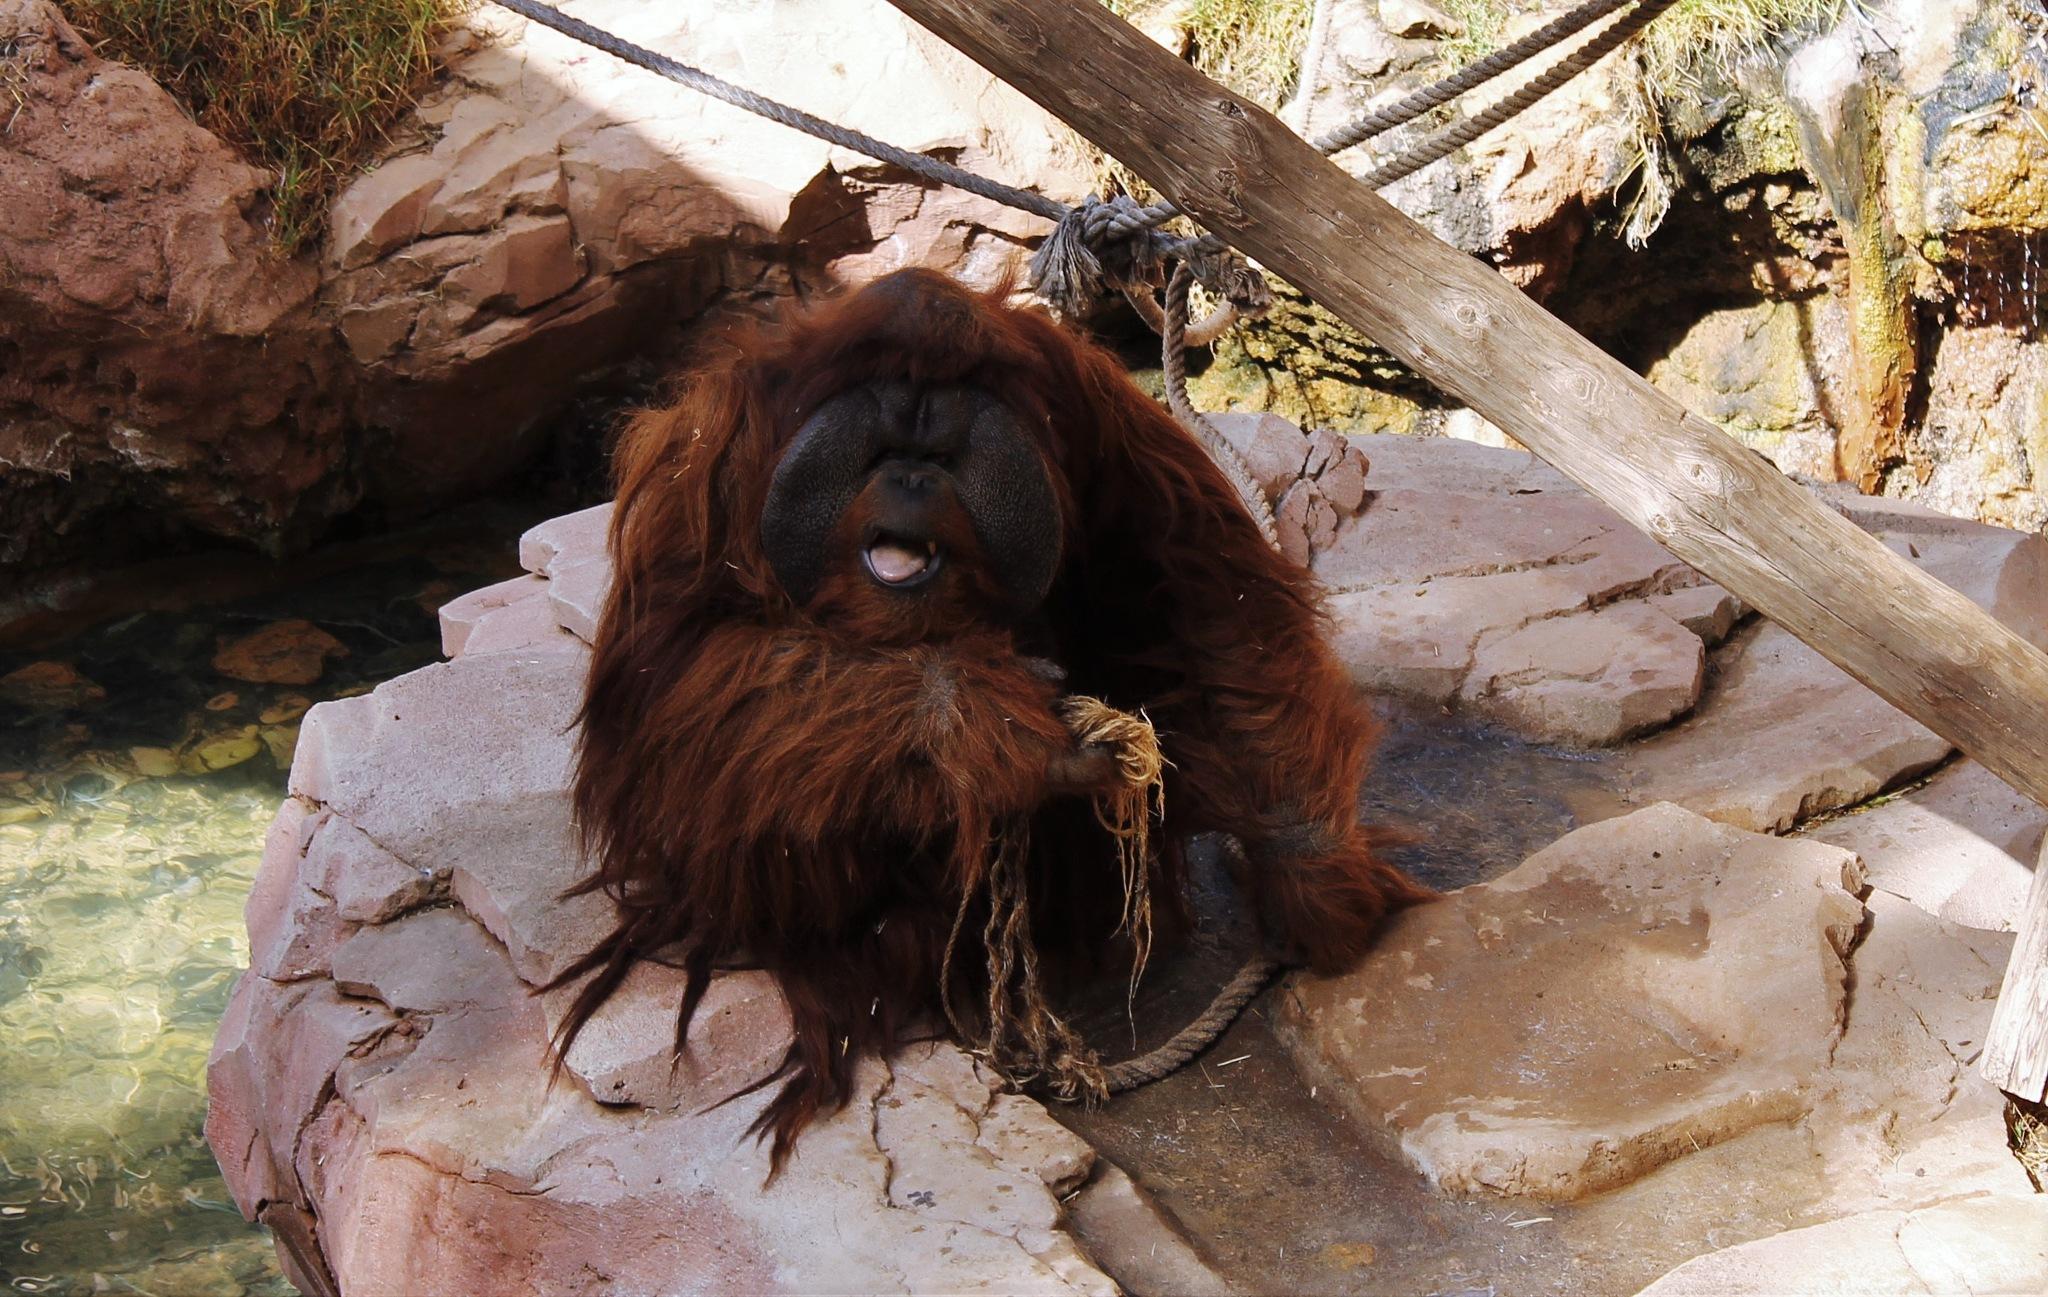 Monkey by Bjarndisyr